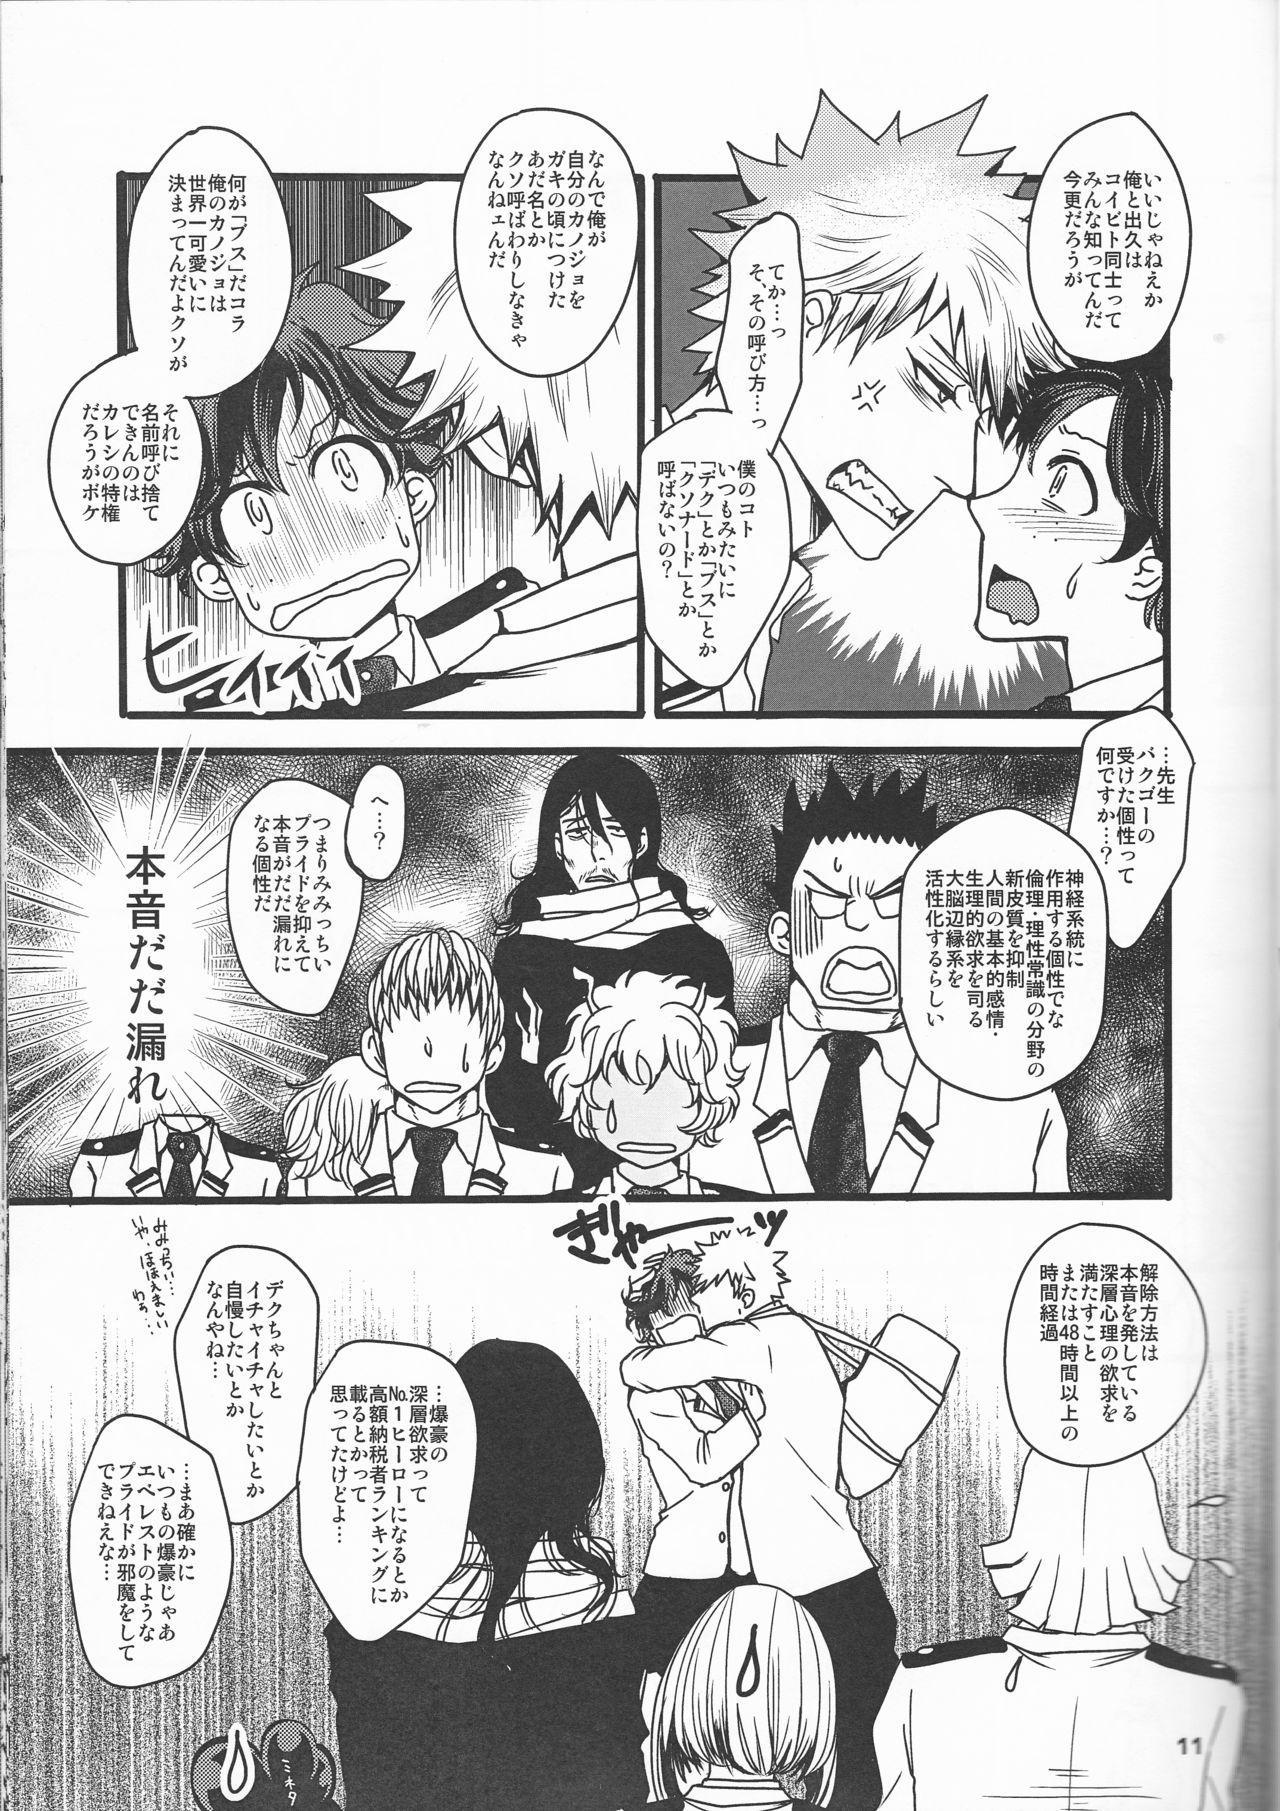 Super Darling Bakugou Katsuki 10